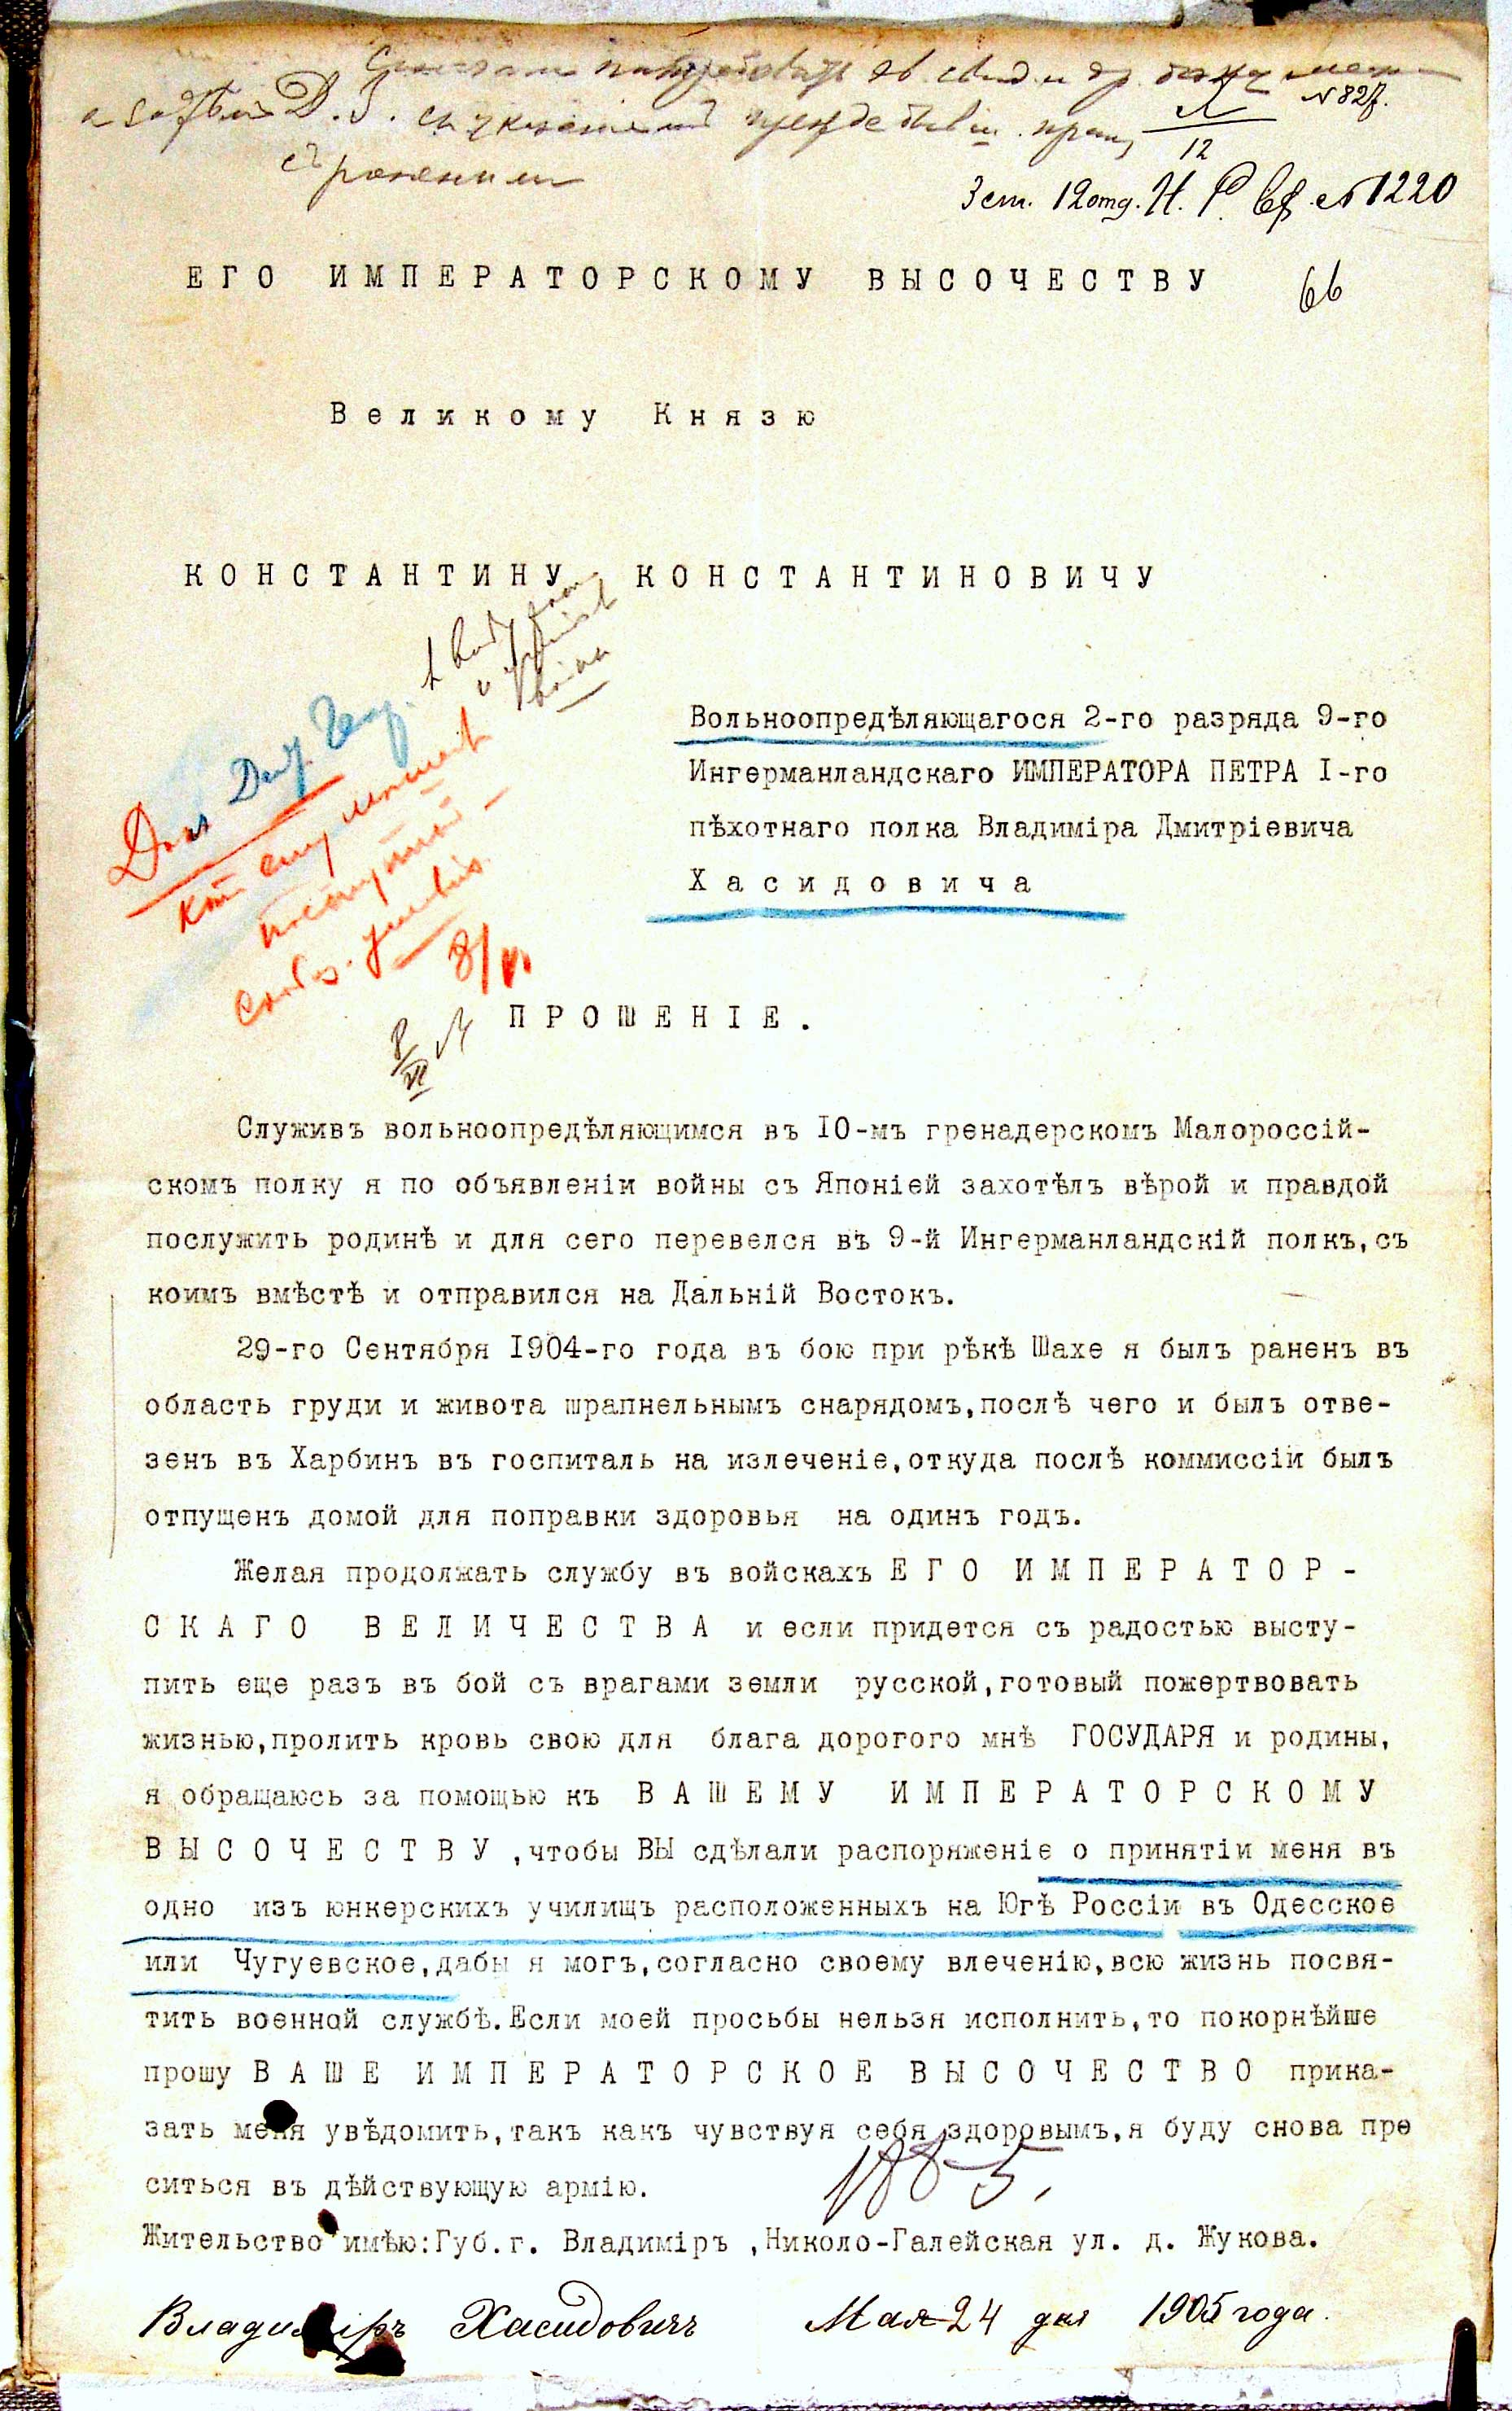 Photo: Хасидович Владимир Дмитриевич, 1905 г. Прошение о приеме в юнкерское училище